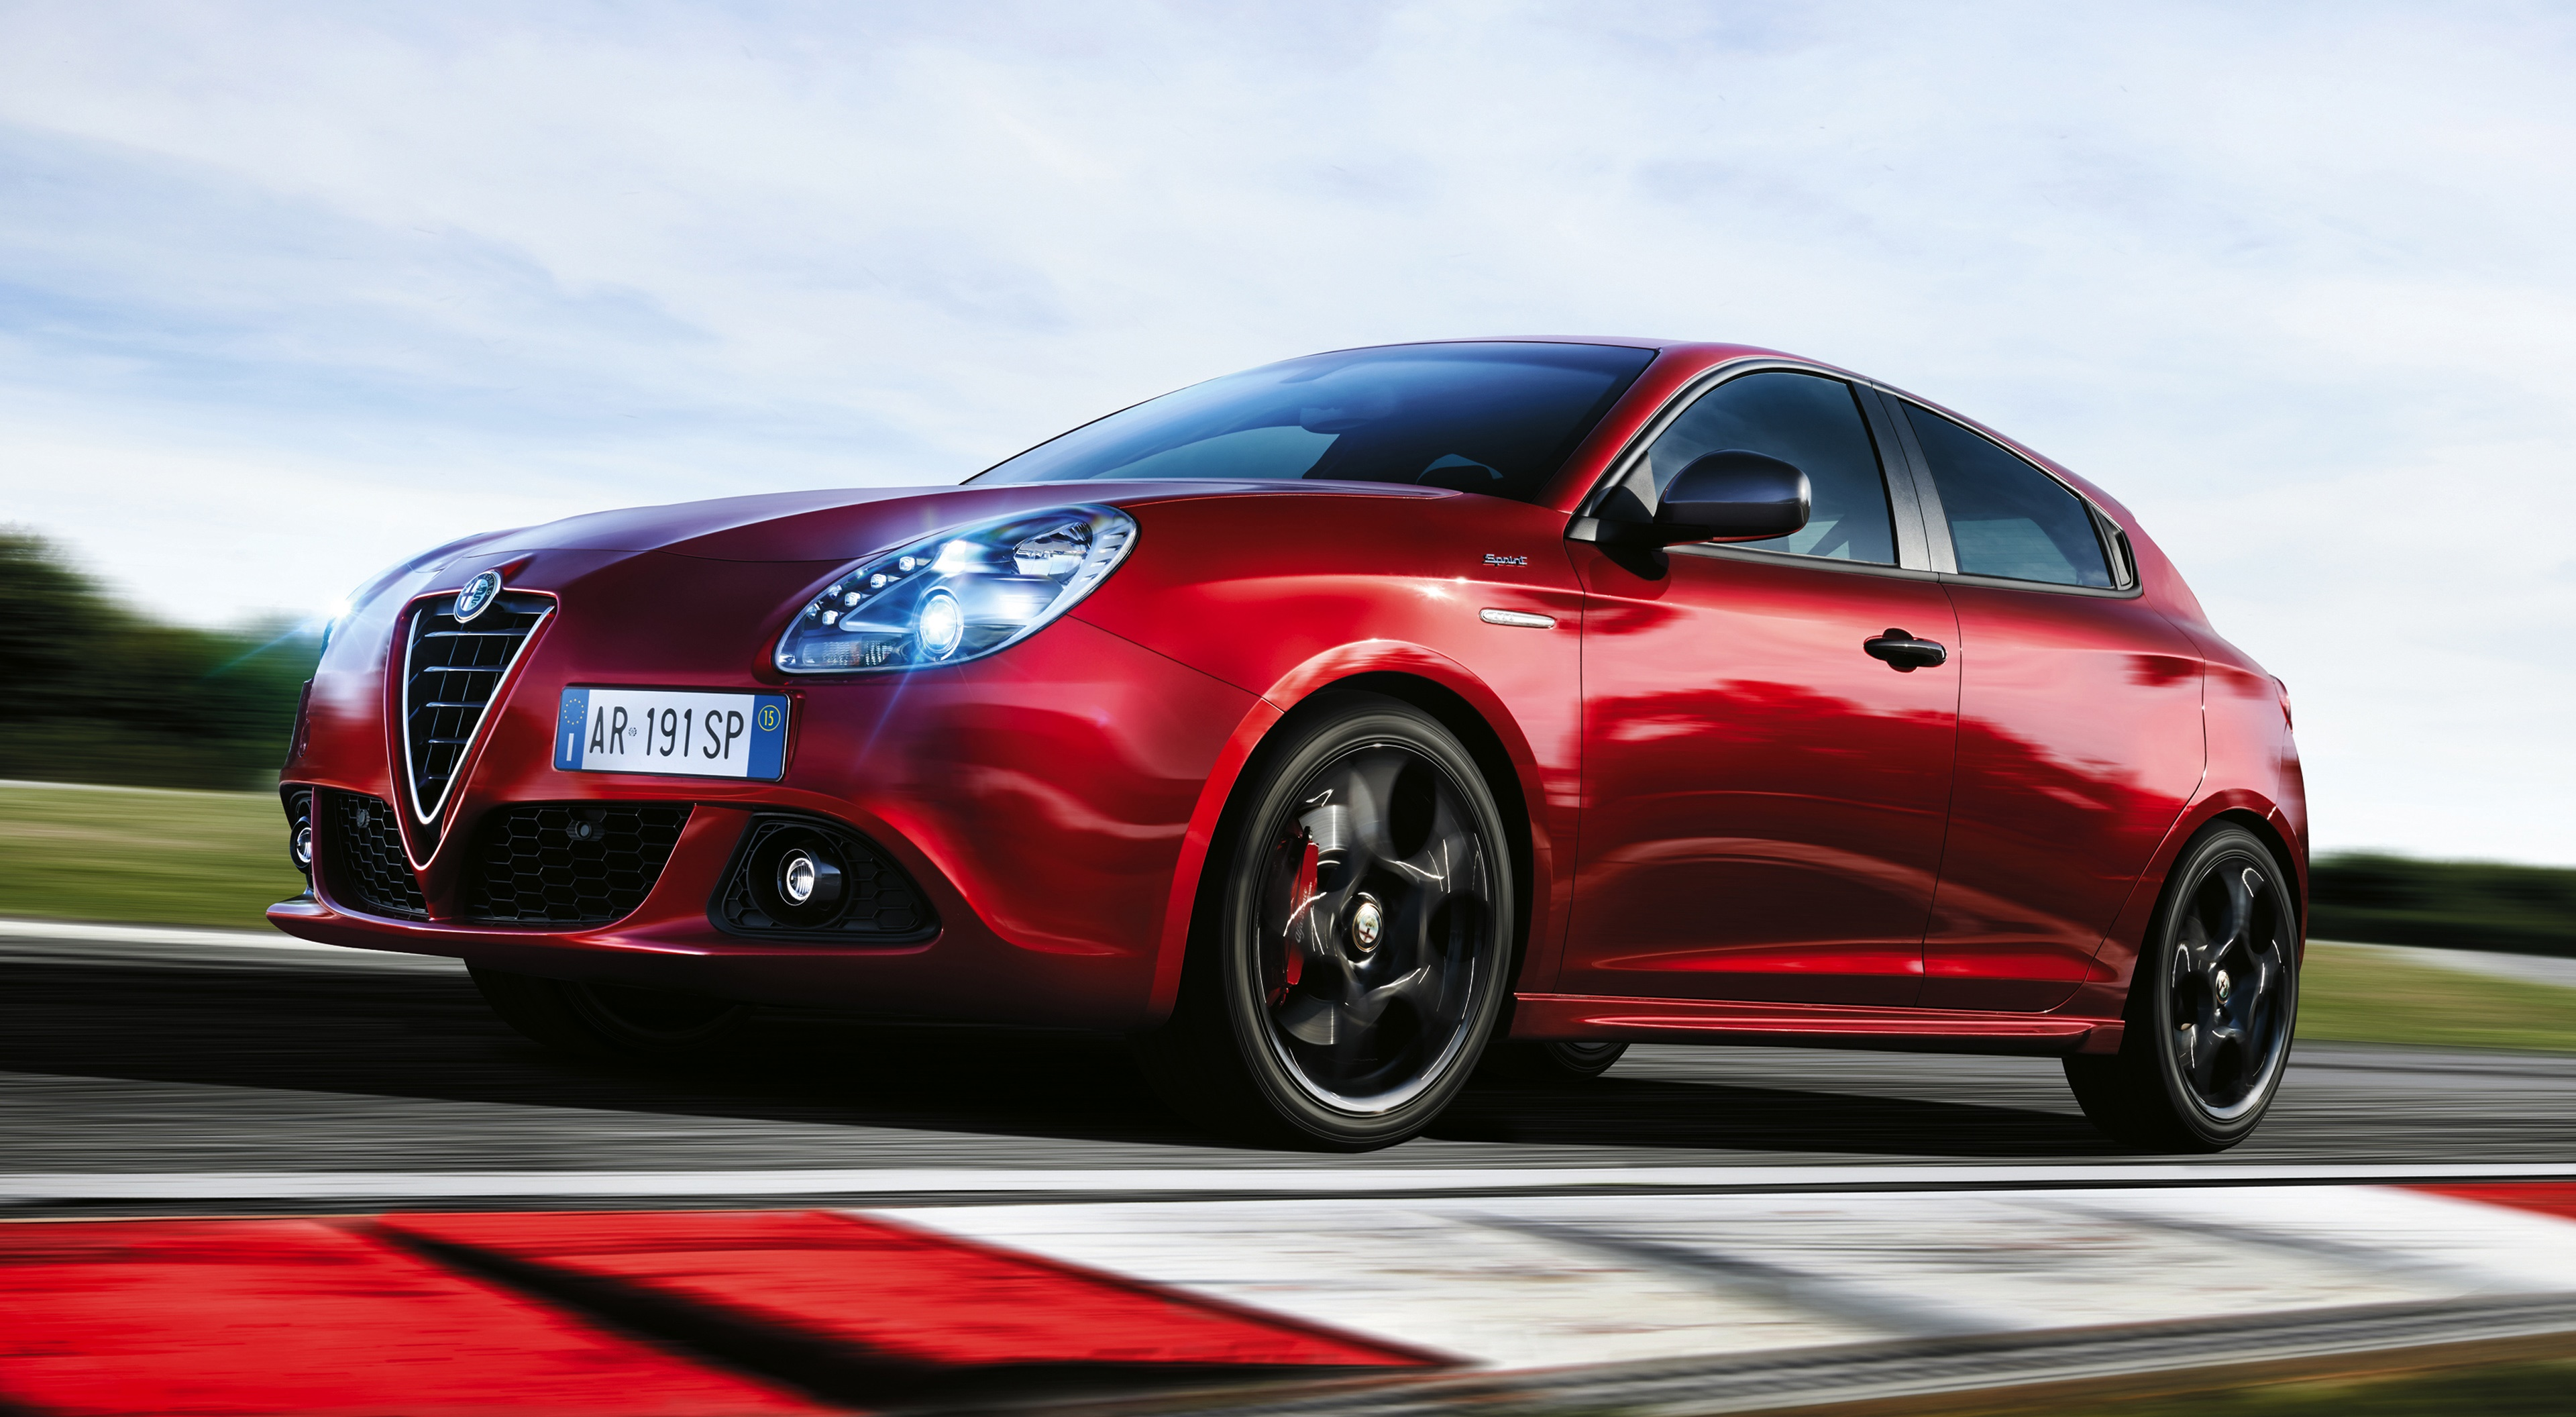 Фотография Alfa Romeo Размытый фон красных скорость авто 3840x2112 Альфа ромео боке красная красные Красный едет едущий едущая Движение машина машины Автомобили автомобиль